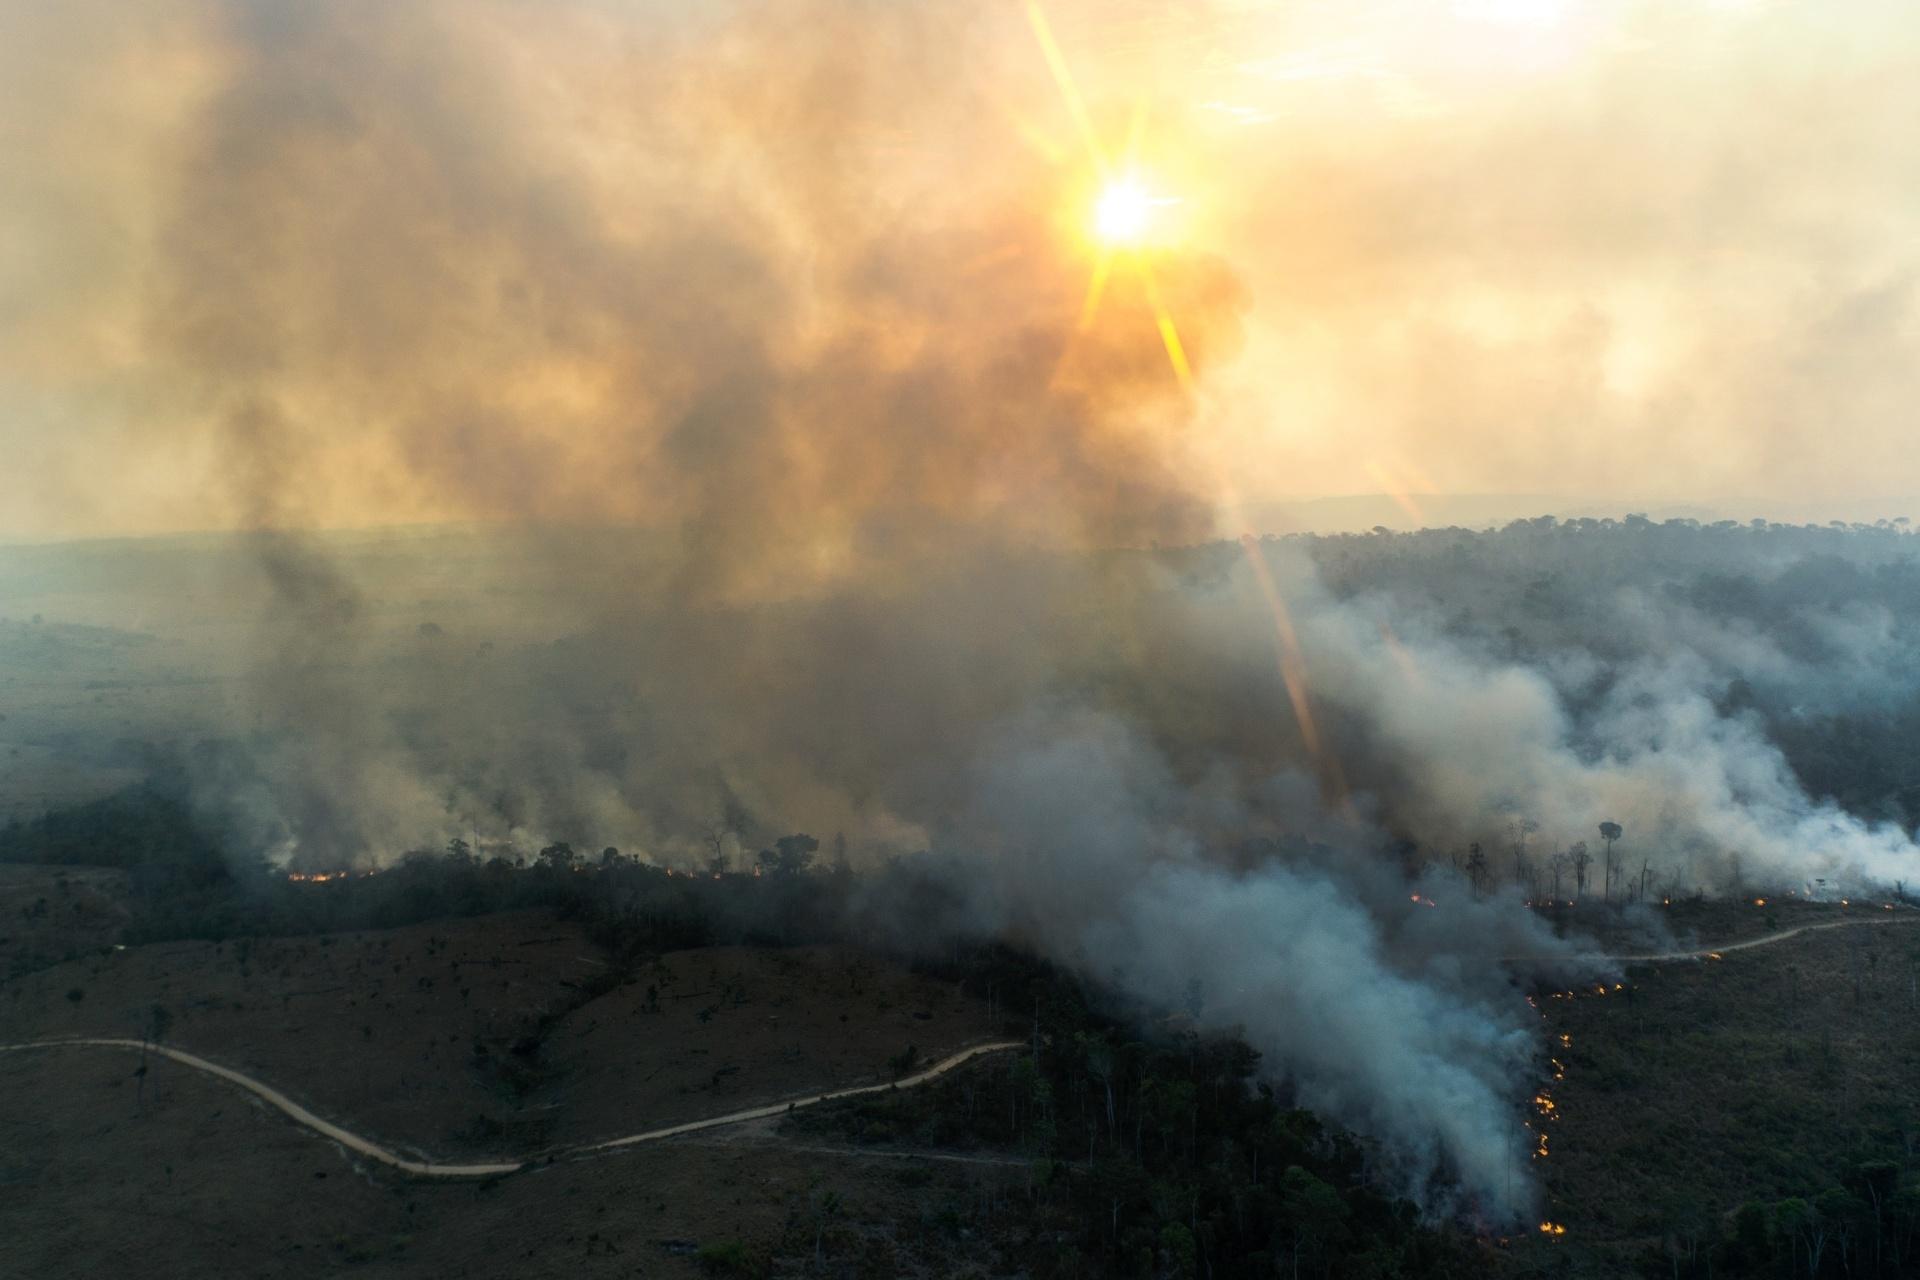 Amazônia Arde Queimadas Destroem Fauna E Flora E Agravam O